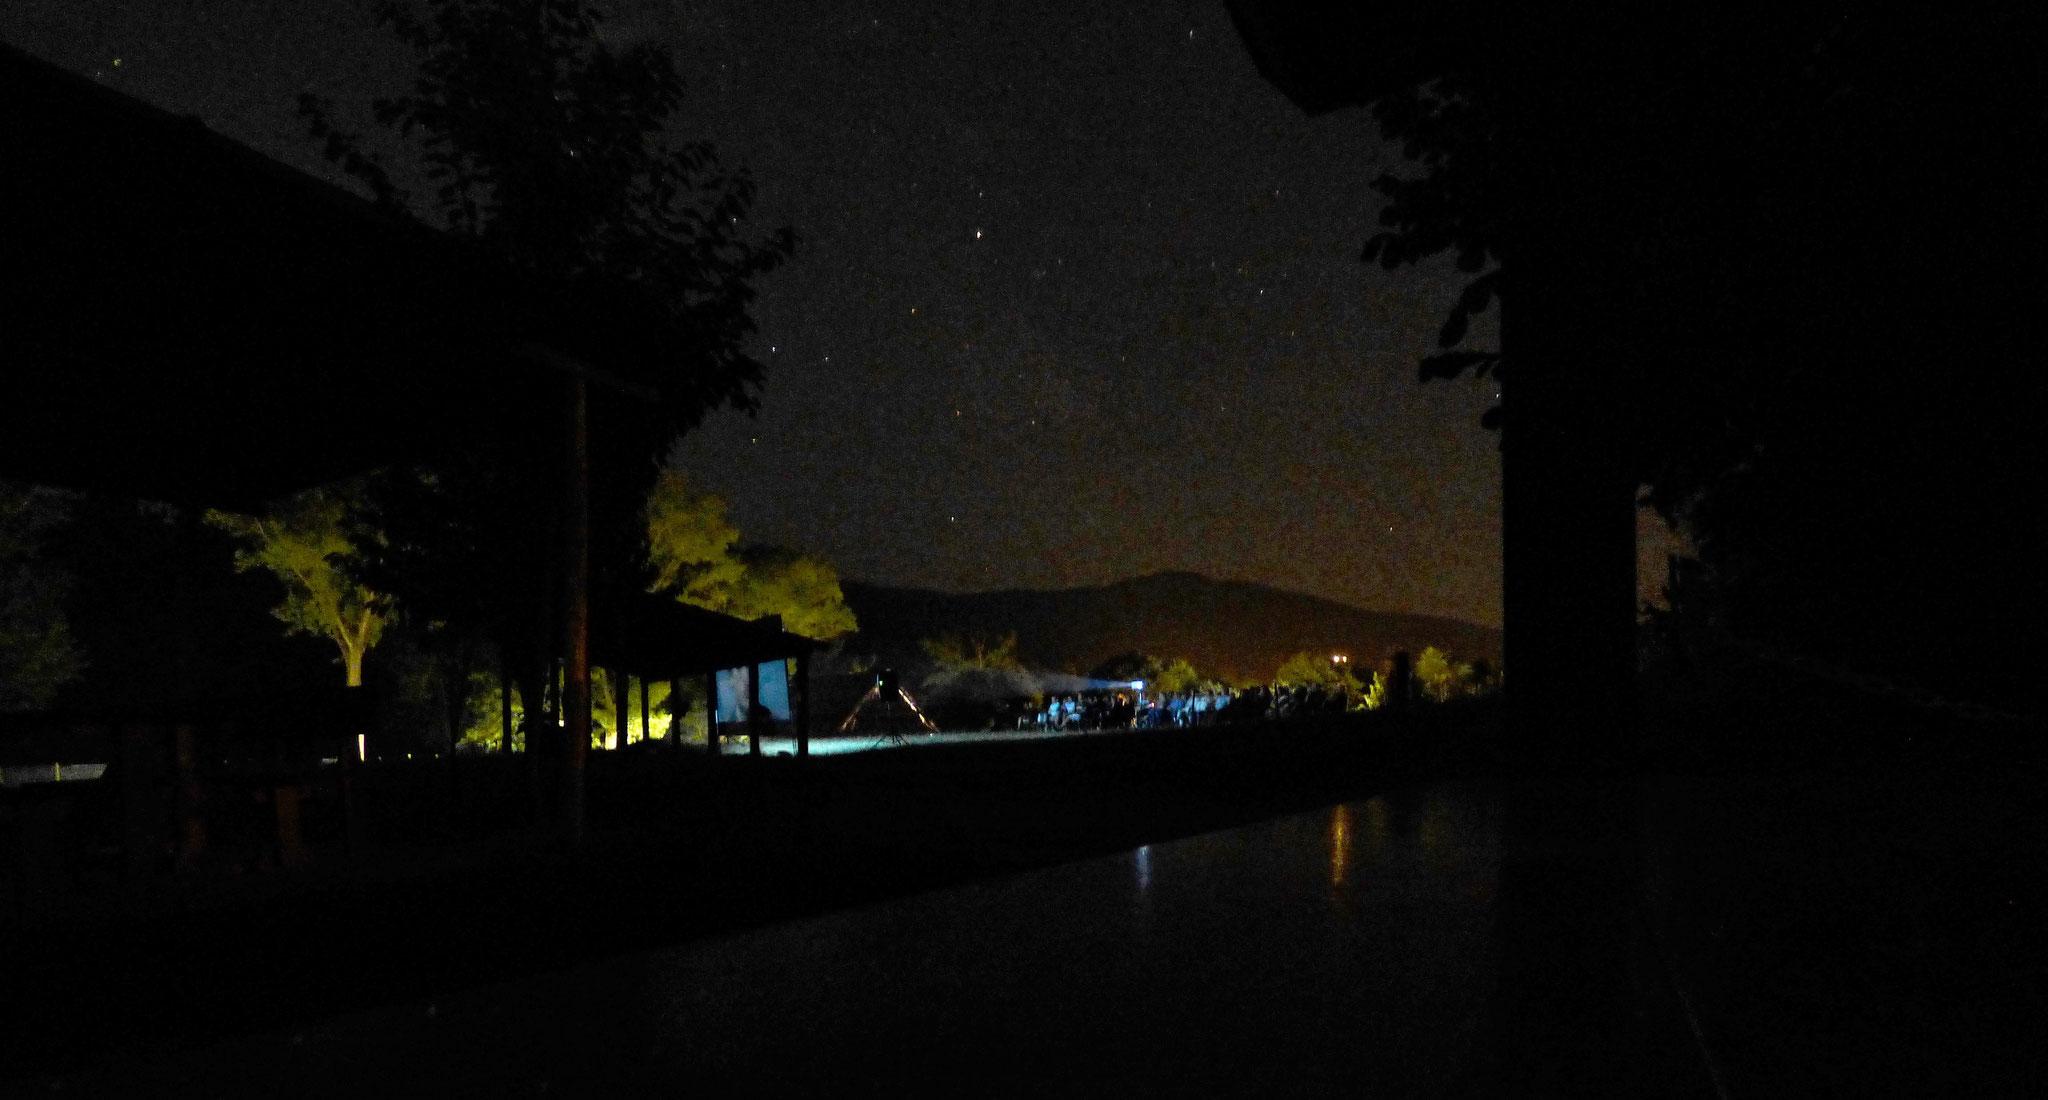 Travo Parco Archeologico 30 Luglio - UNA QUESTIONE PRIVATA